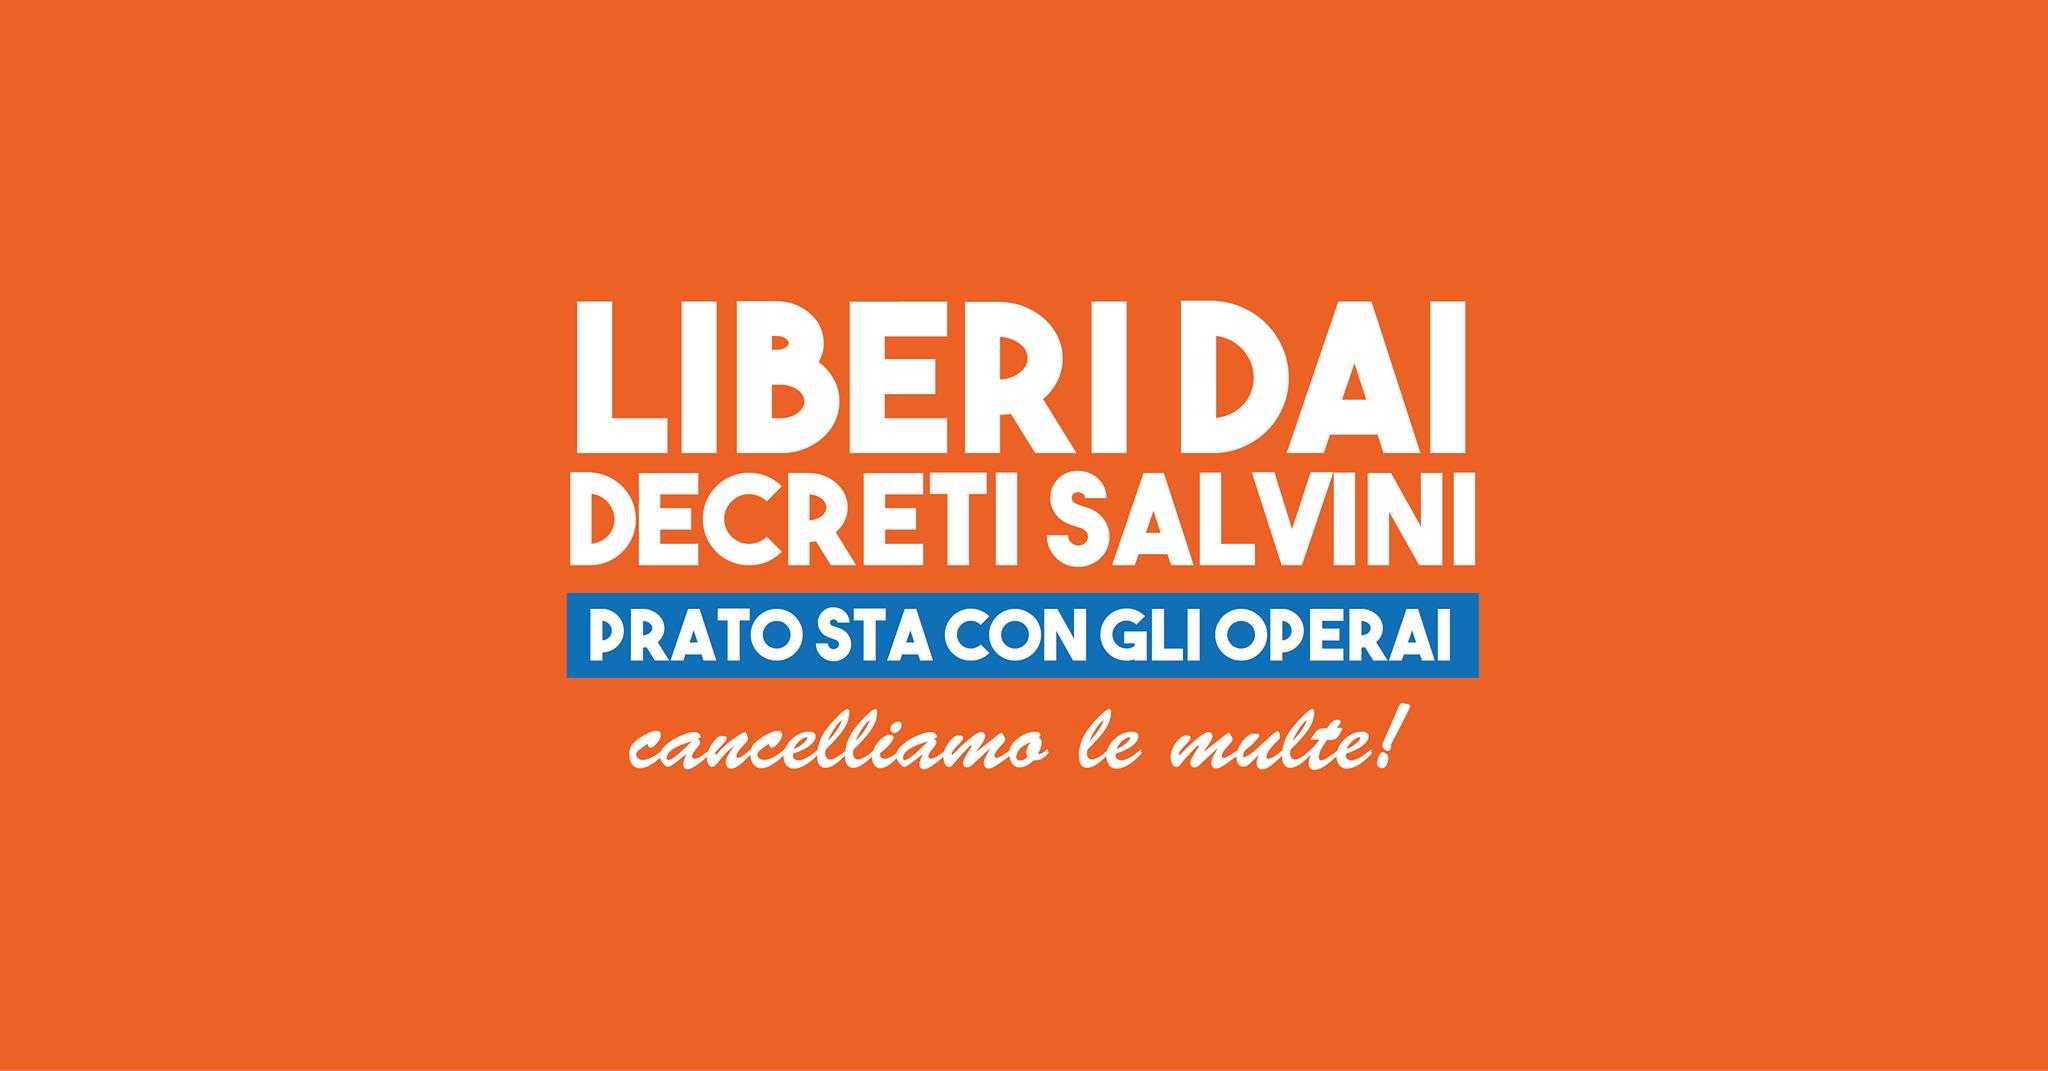 Il 18 gennaio a Prato la marcia per la libertà. Per i diritti del lavoro e la democrazia, contro i decreti Salvini